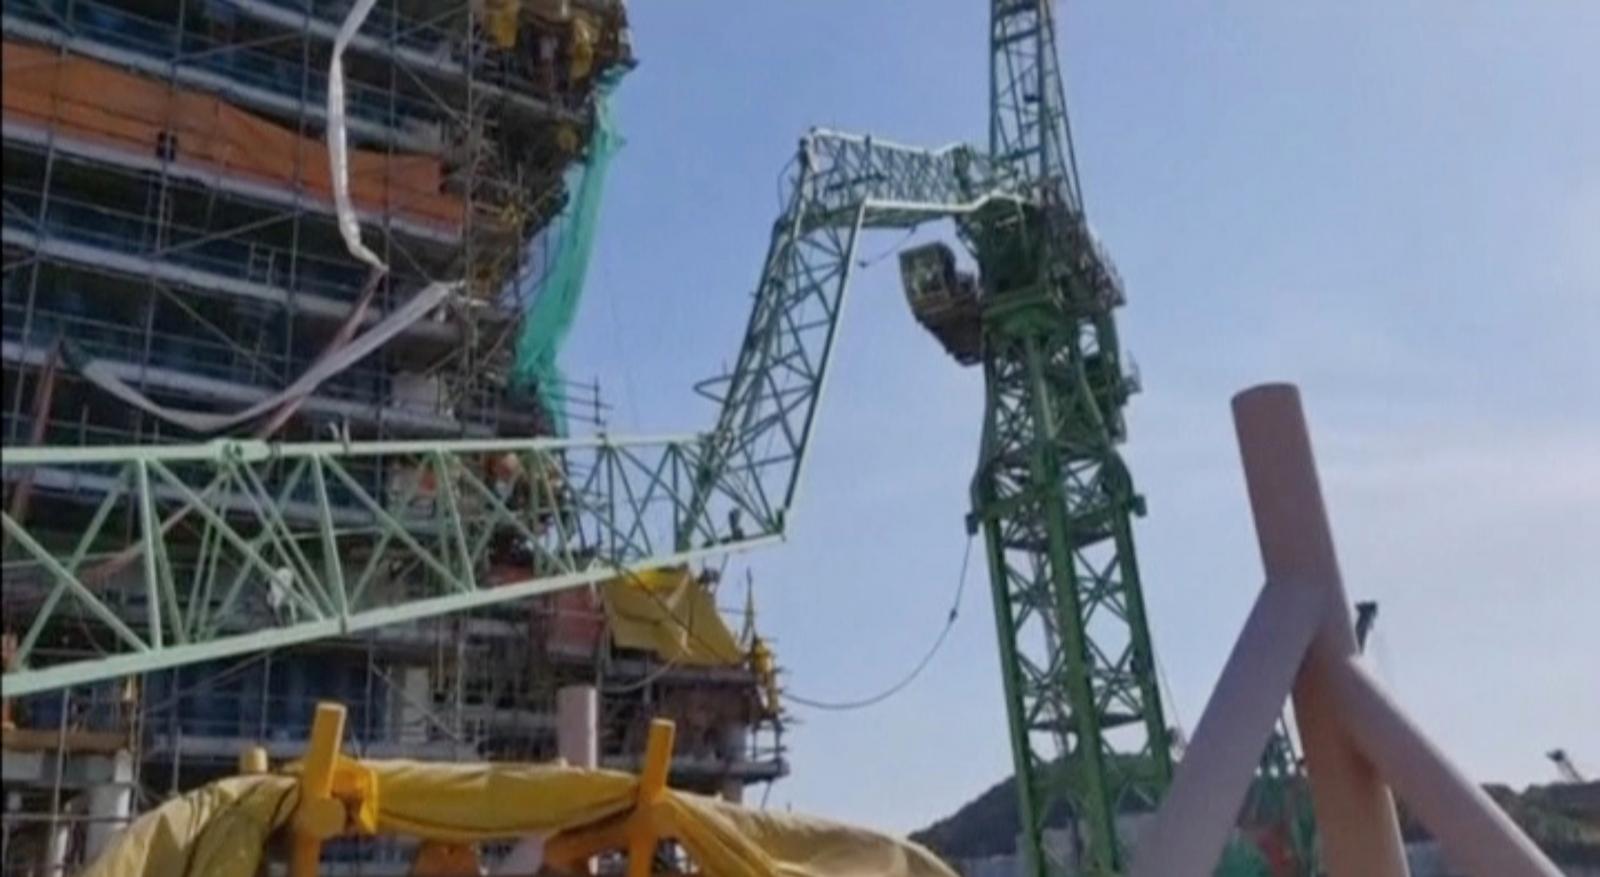 Crane Collapse At Samsung Shipyard In South Korea Kills At